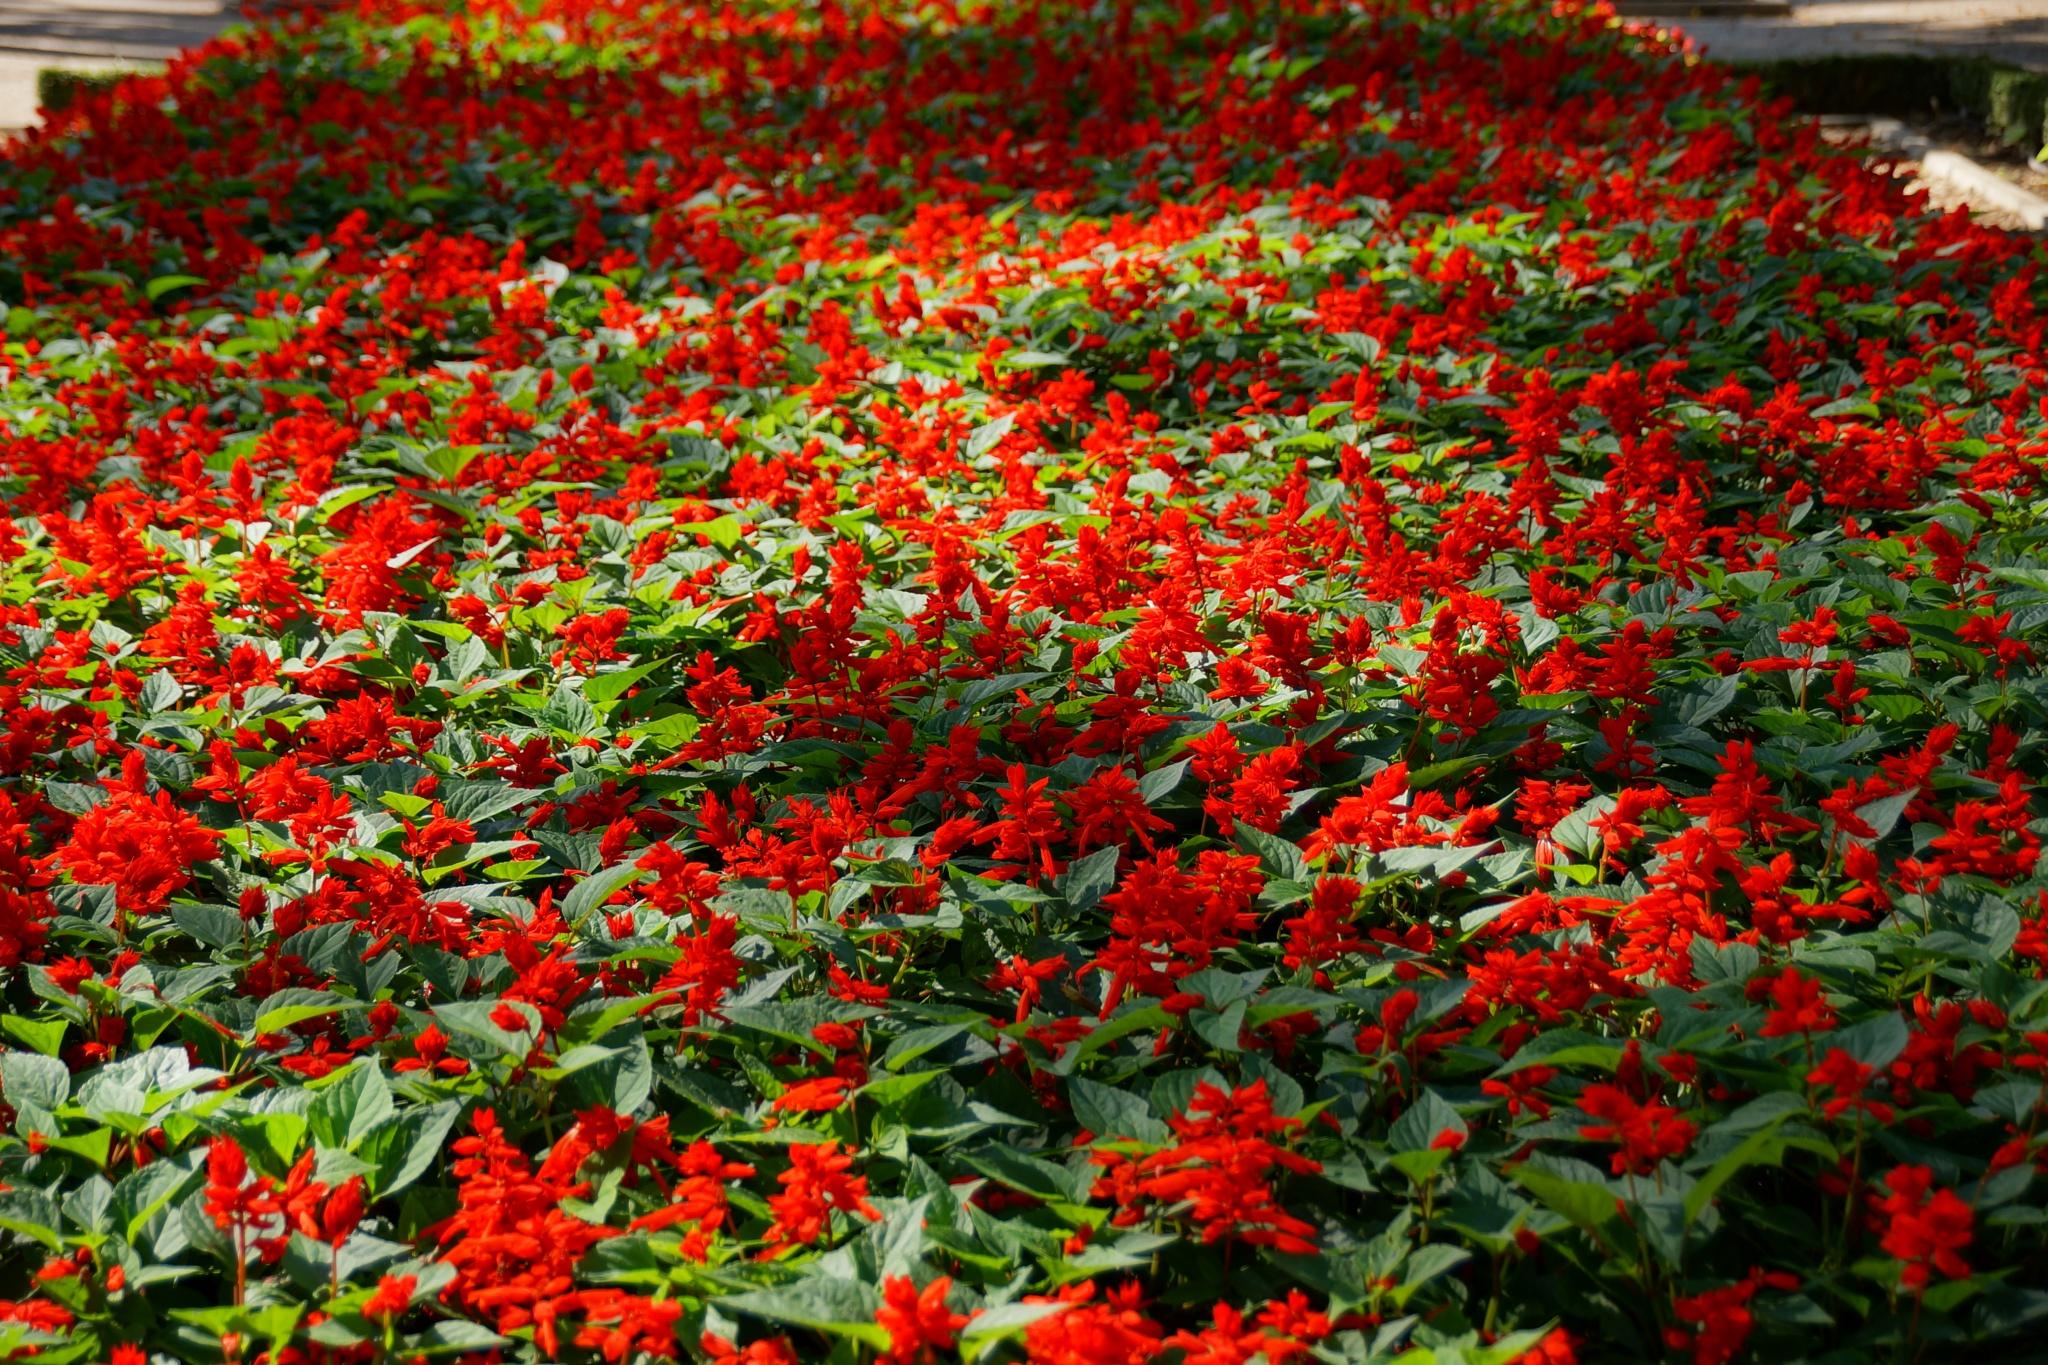 Sea of flowers by libol